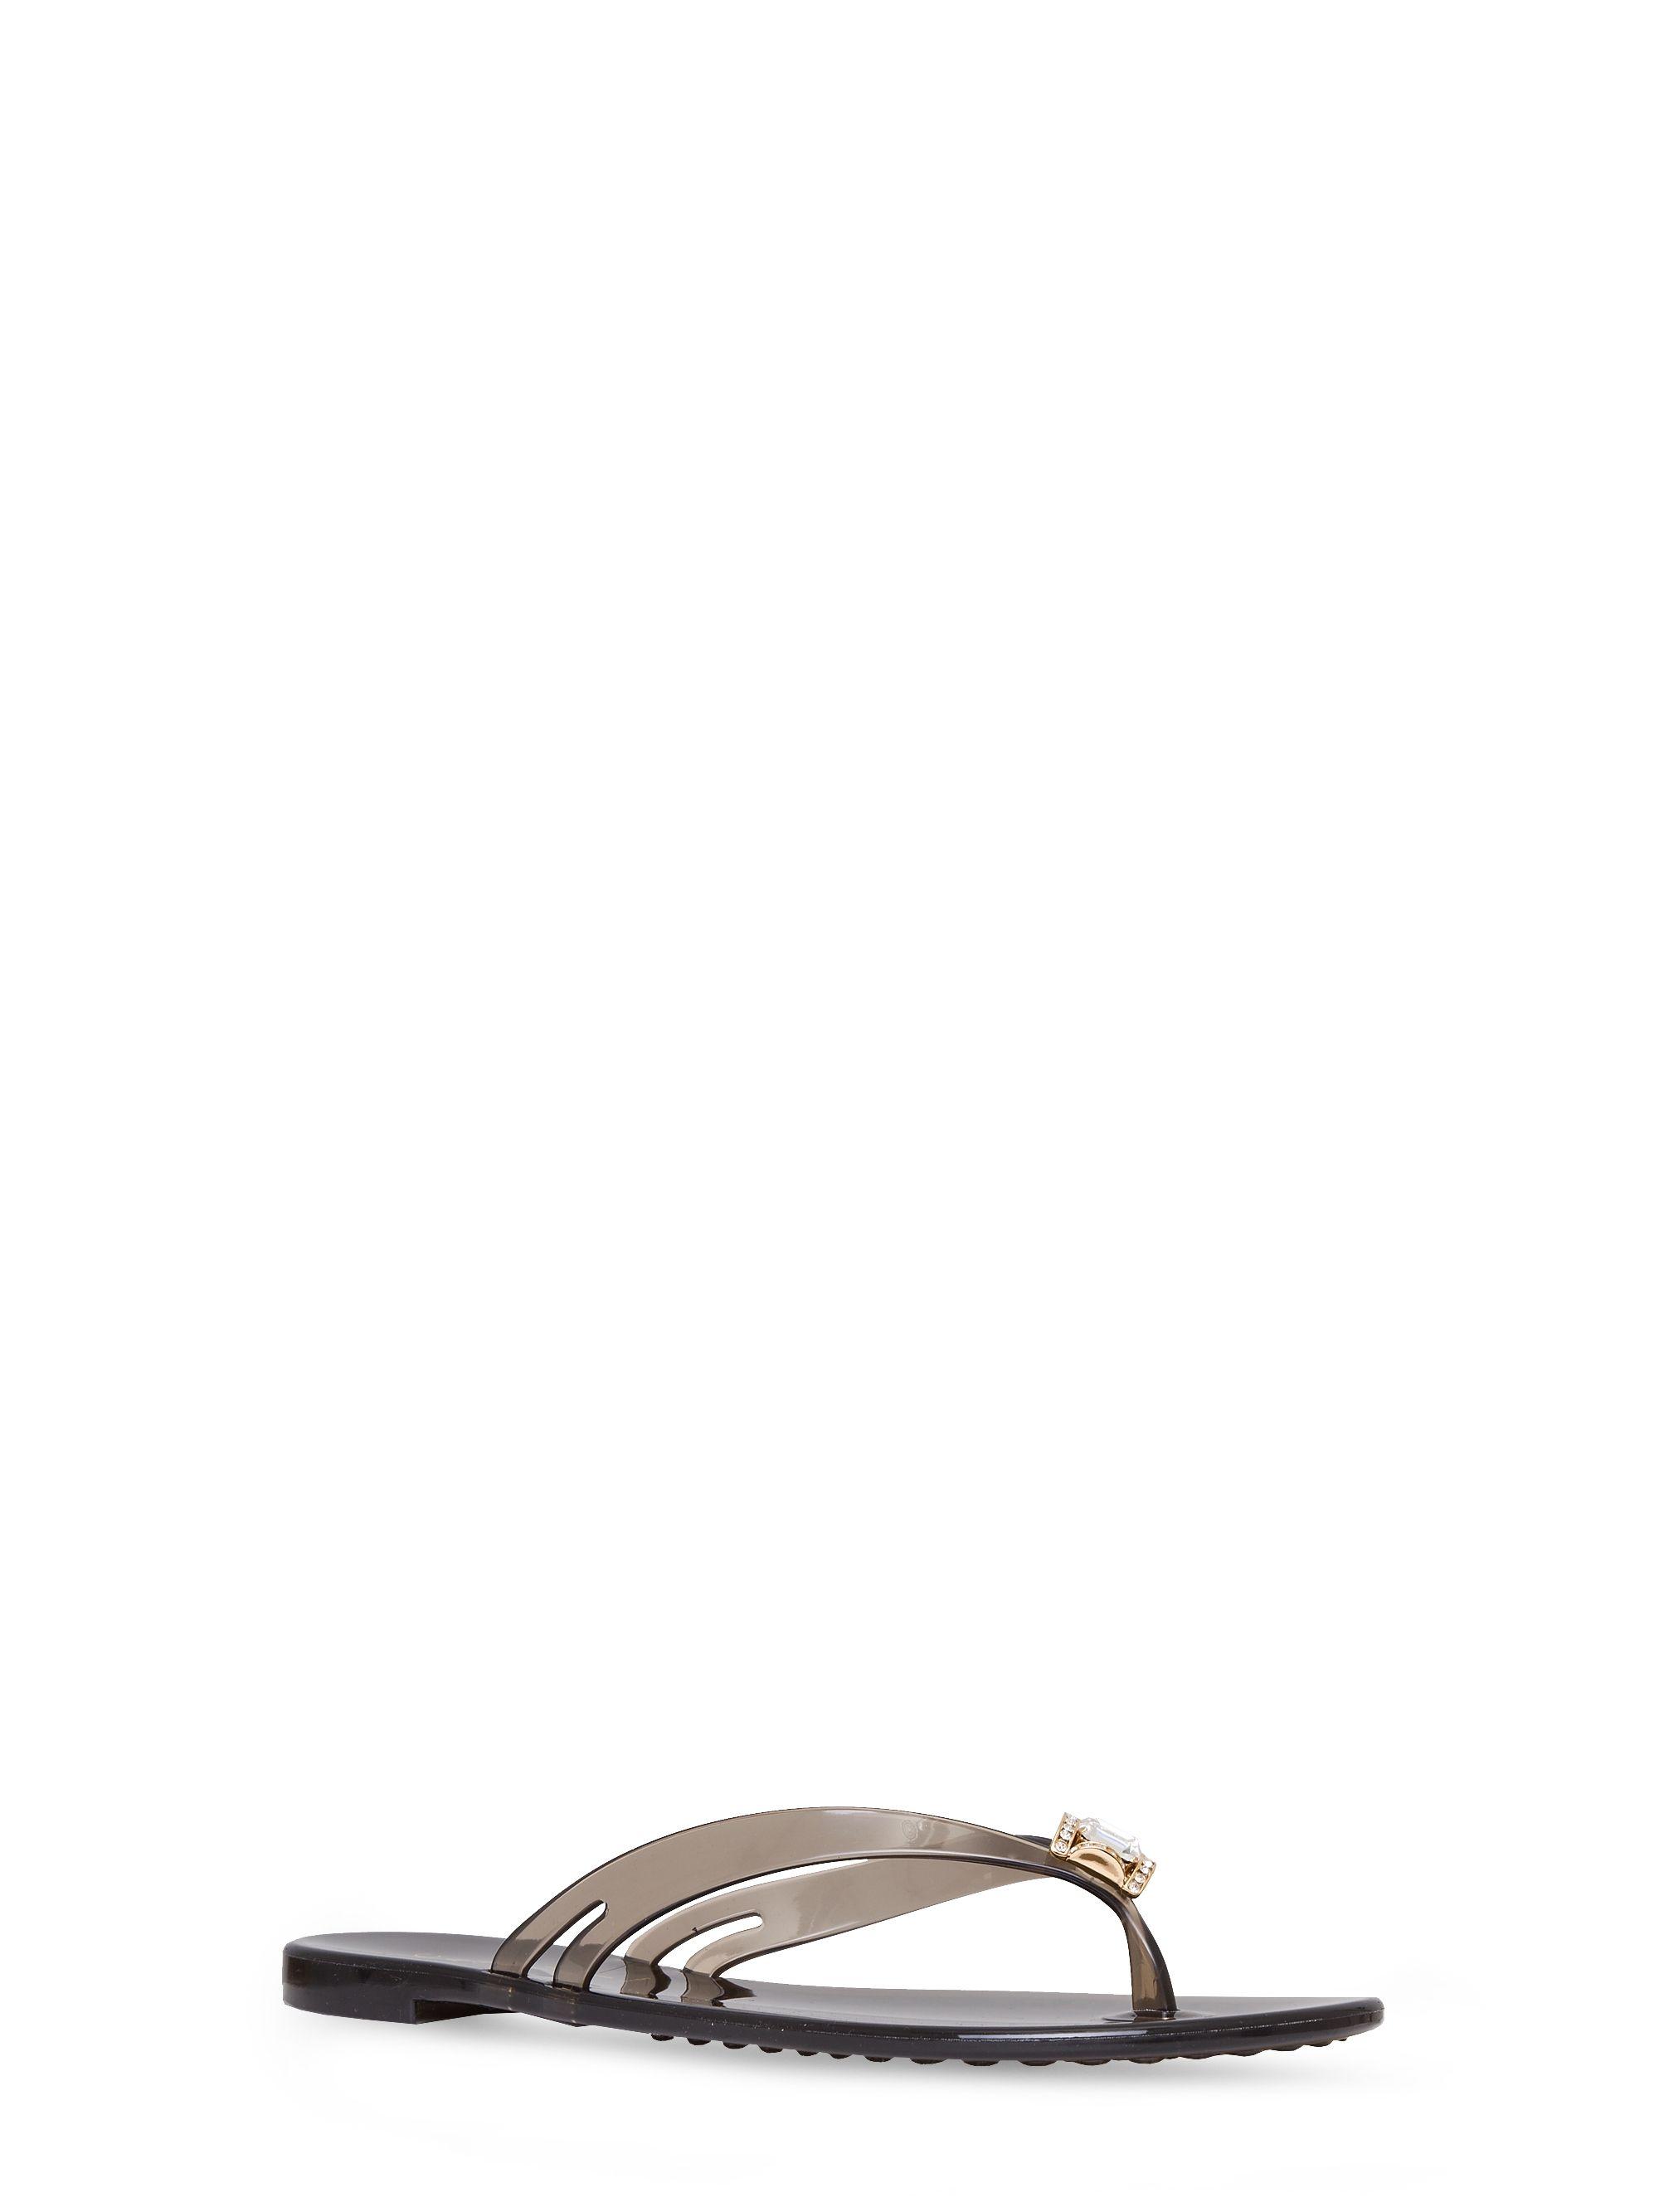 1e6d01afb Casadei - Jelly - 0179DS....BEAC000 - Infradito in luminoso PVC mandarine  con cristalli Swarovski e fondo con iconica decorazione catena. 10 mm.